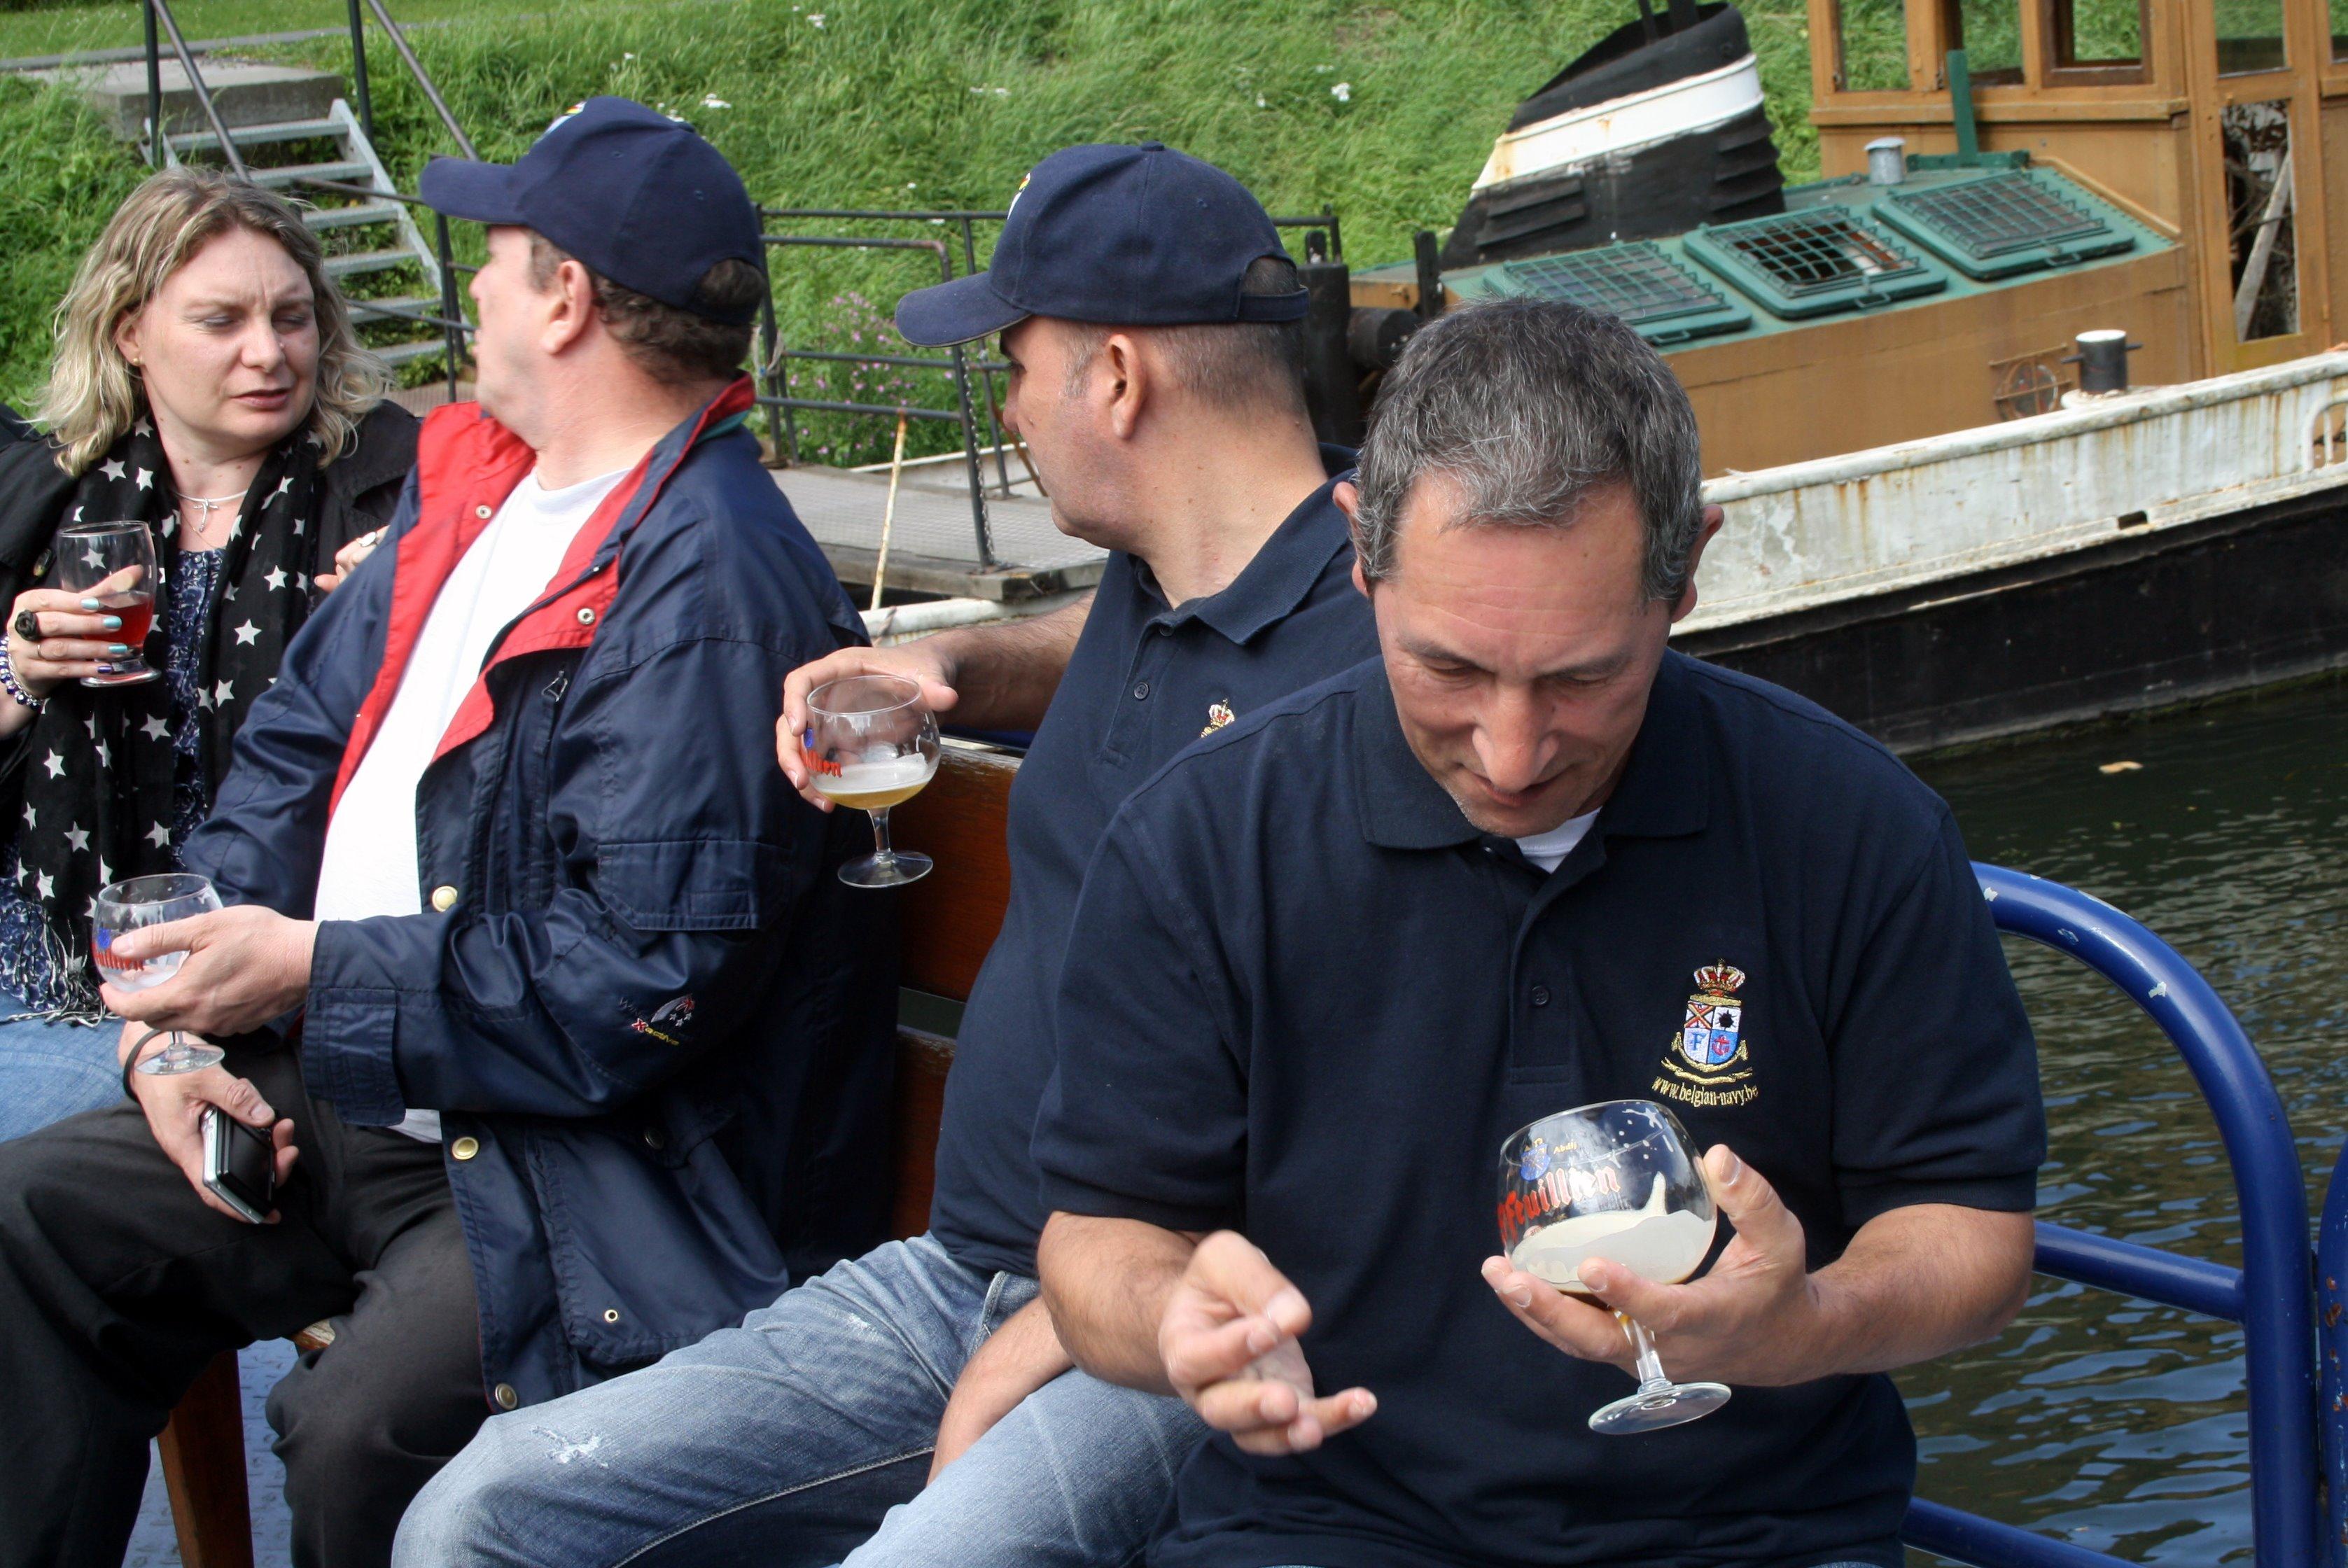 Visite du Canal du Centre historique le dimanche 17 juillet - Page 33 1107240940041095838510616